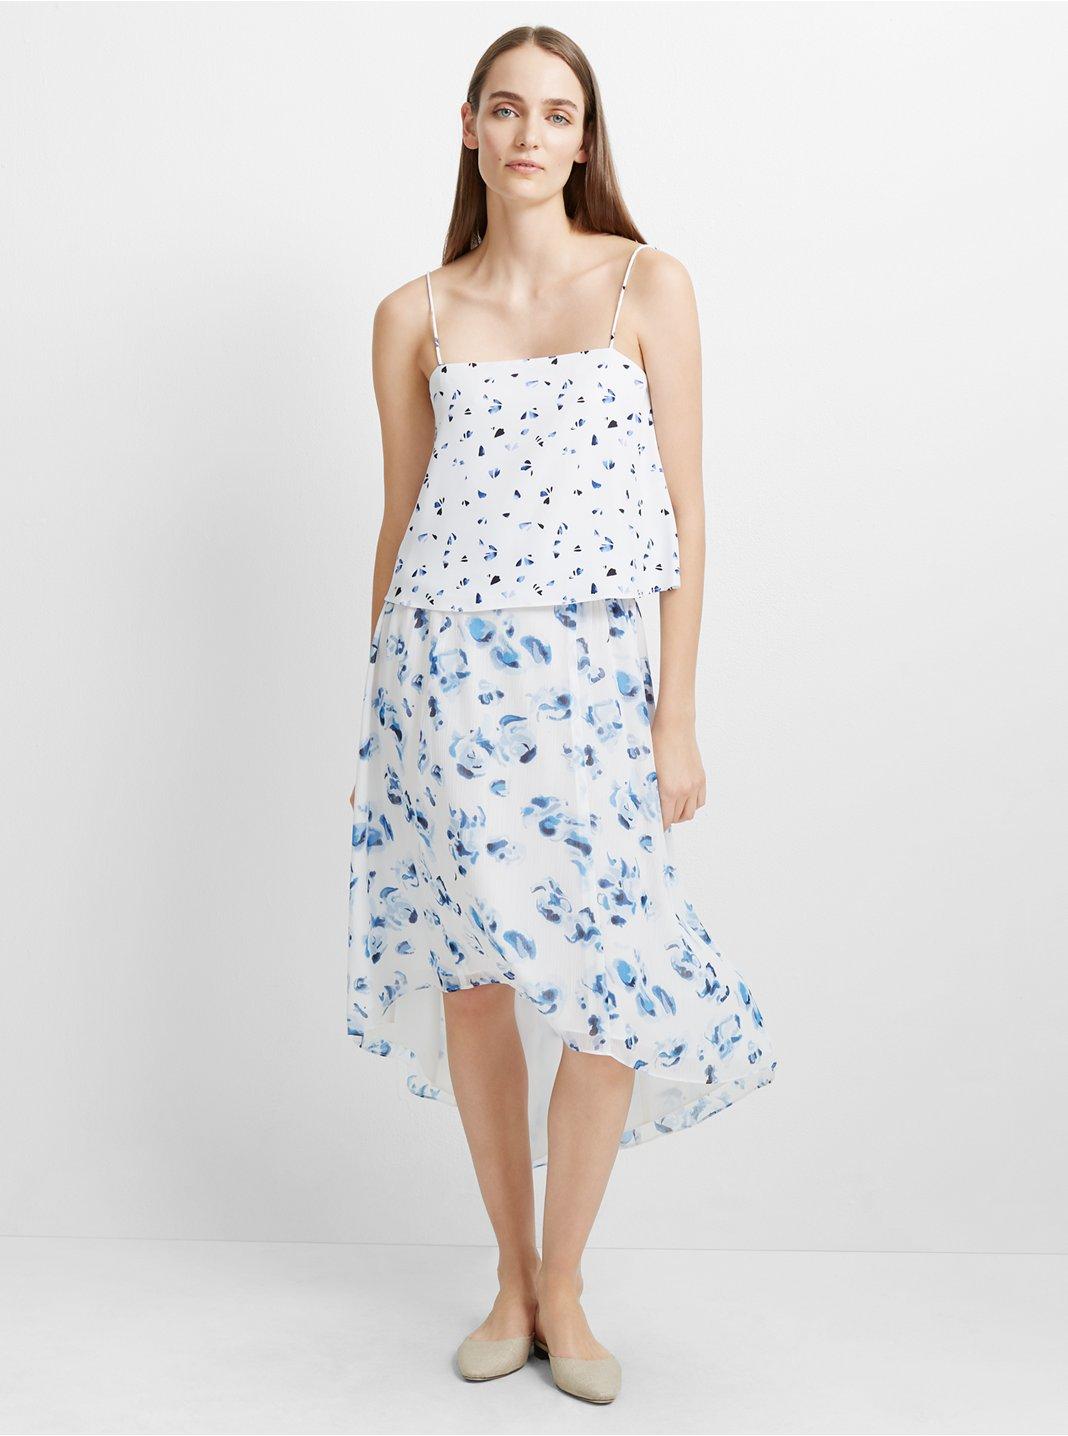 Orristah Skirt